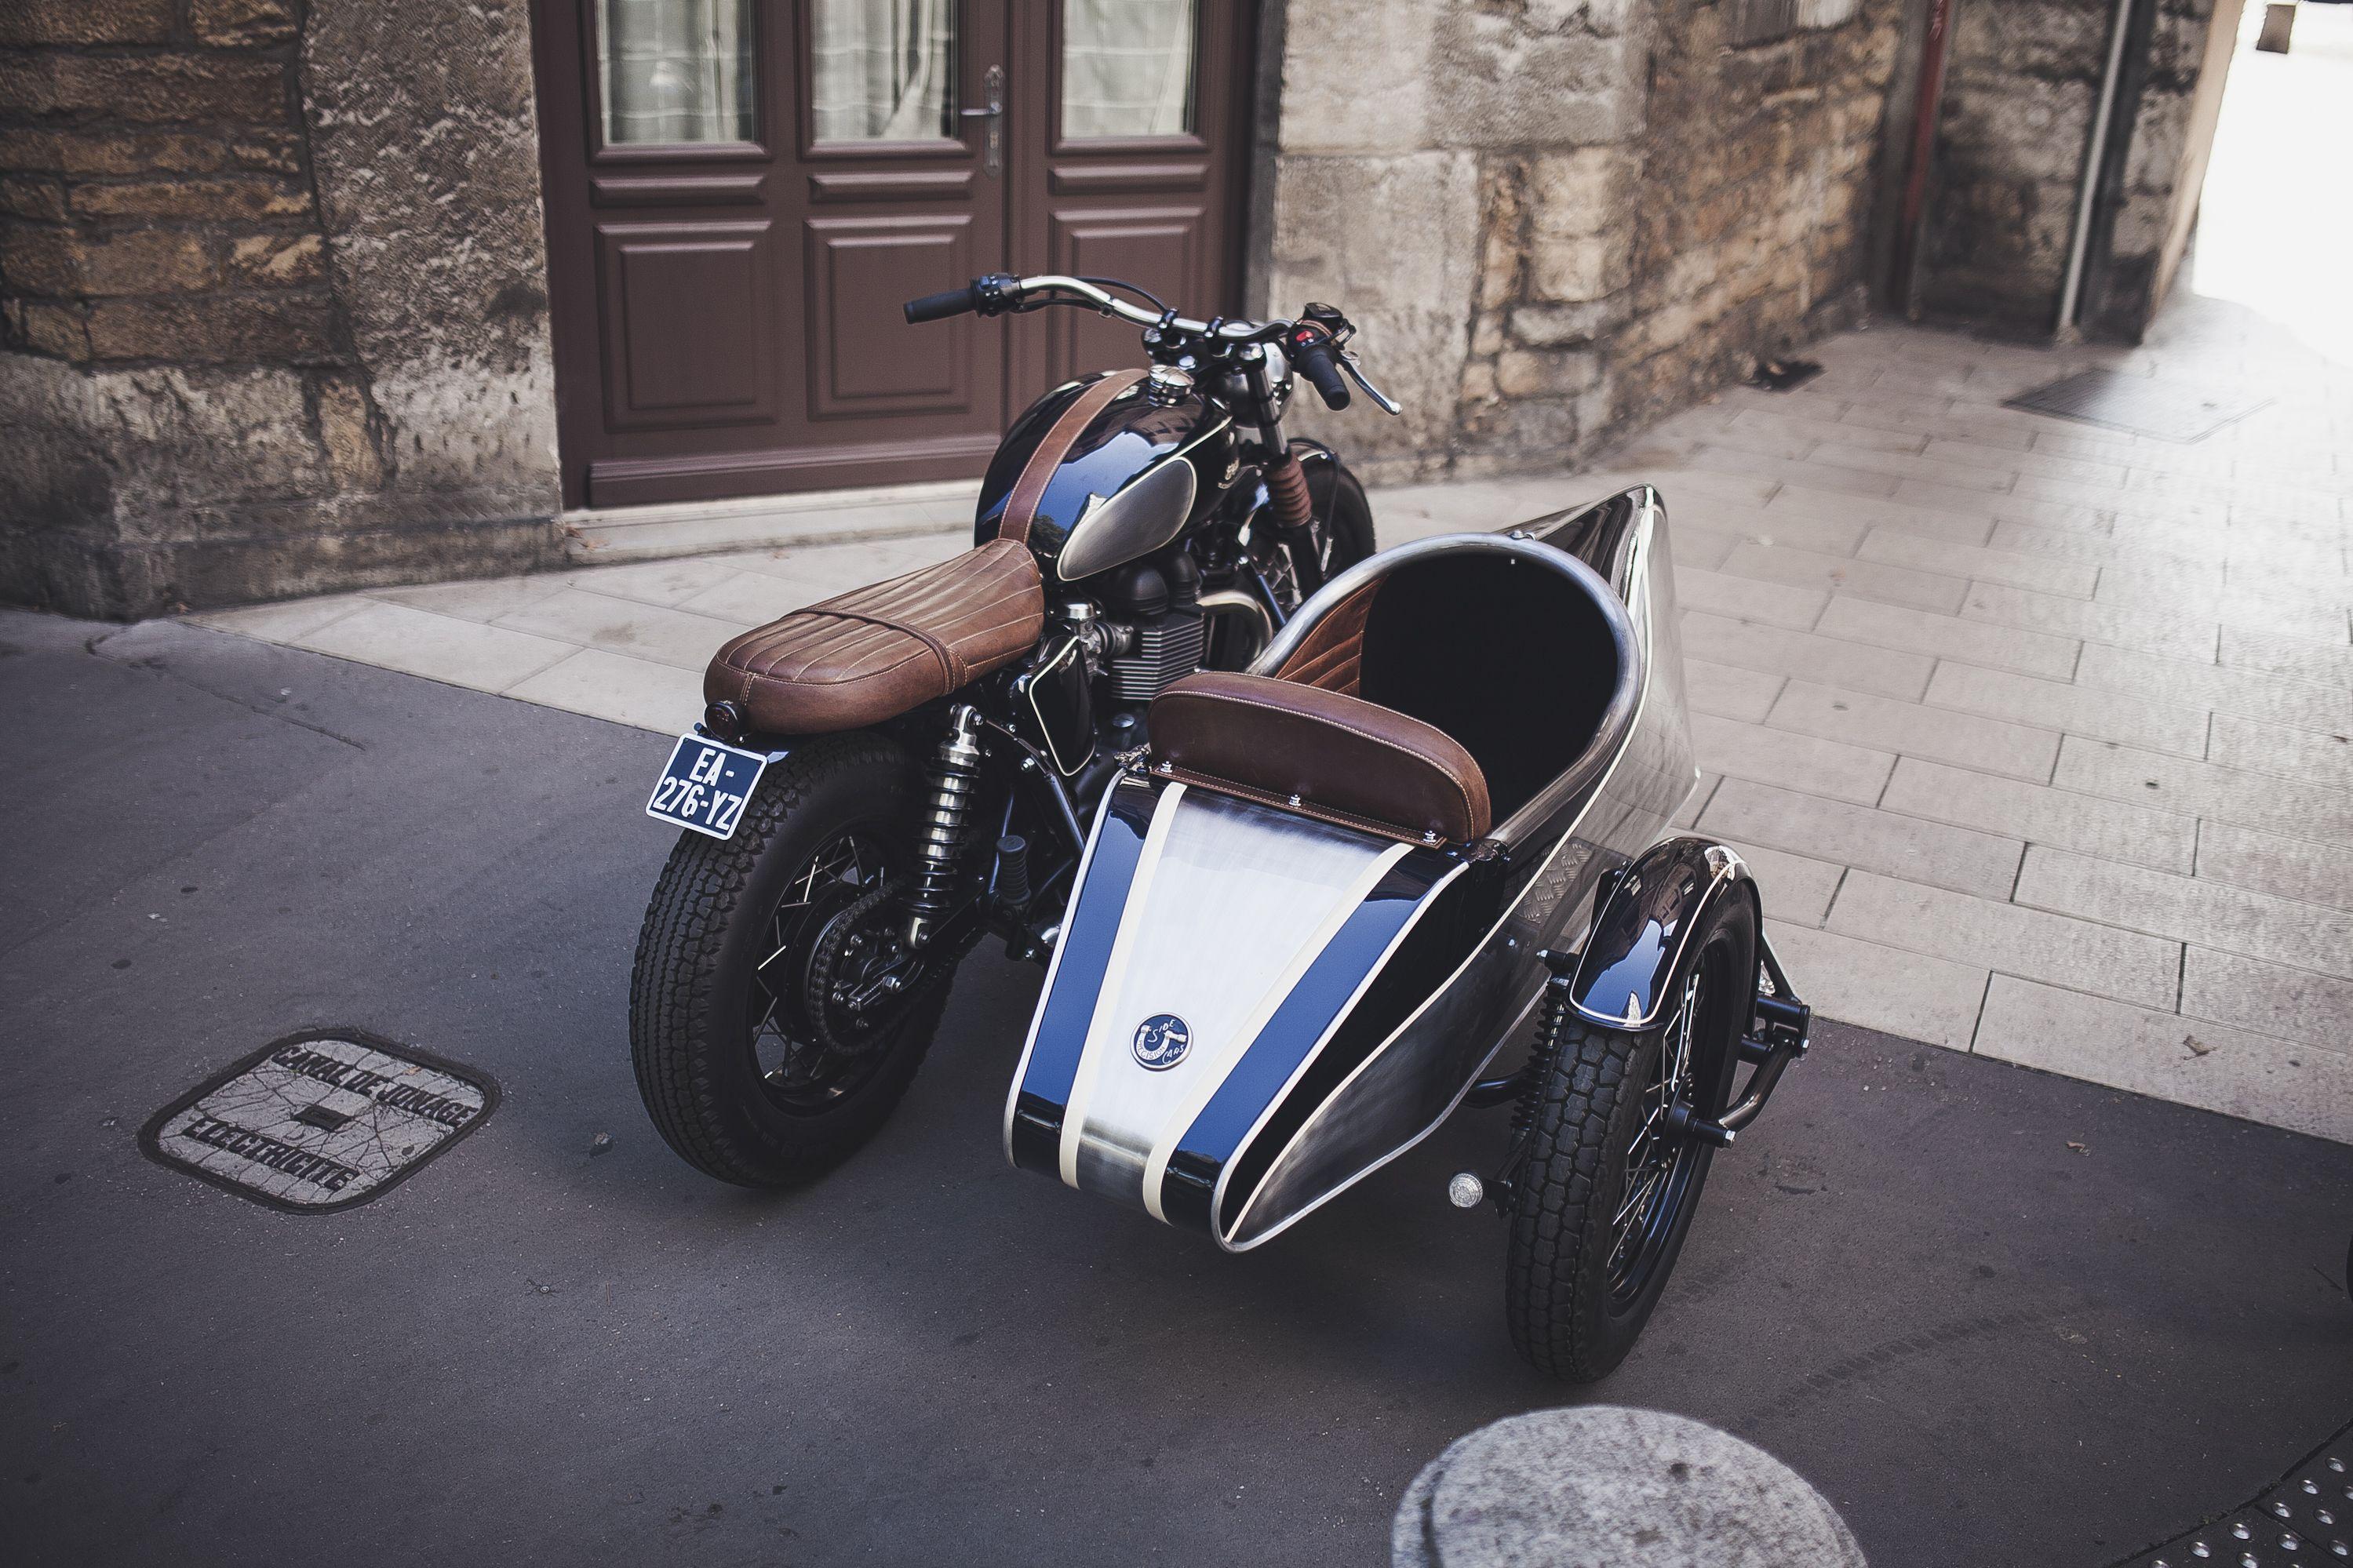 triumph bonneville t100 side car by baak motocyclettes workshop france triumph bonneville. Black Bedroom Furniture Sets. Home Design Ideas